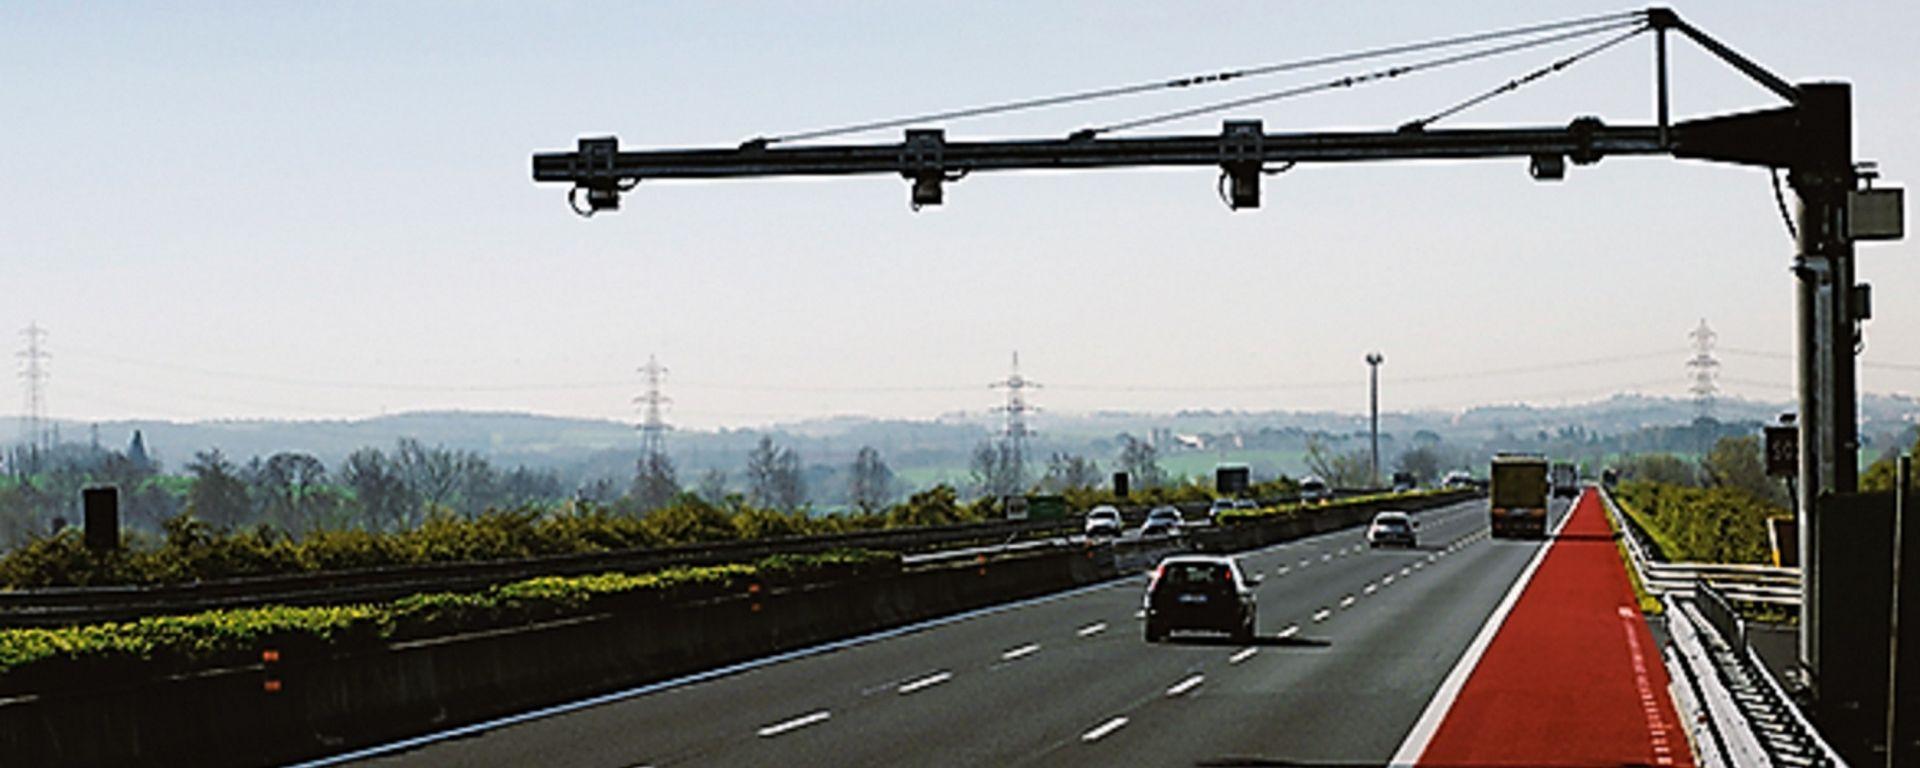 Tutor autostrada, dove sono i dispositivi attivi a Pasqua 2019